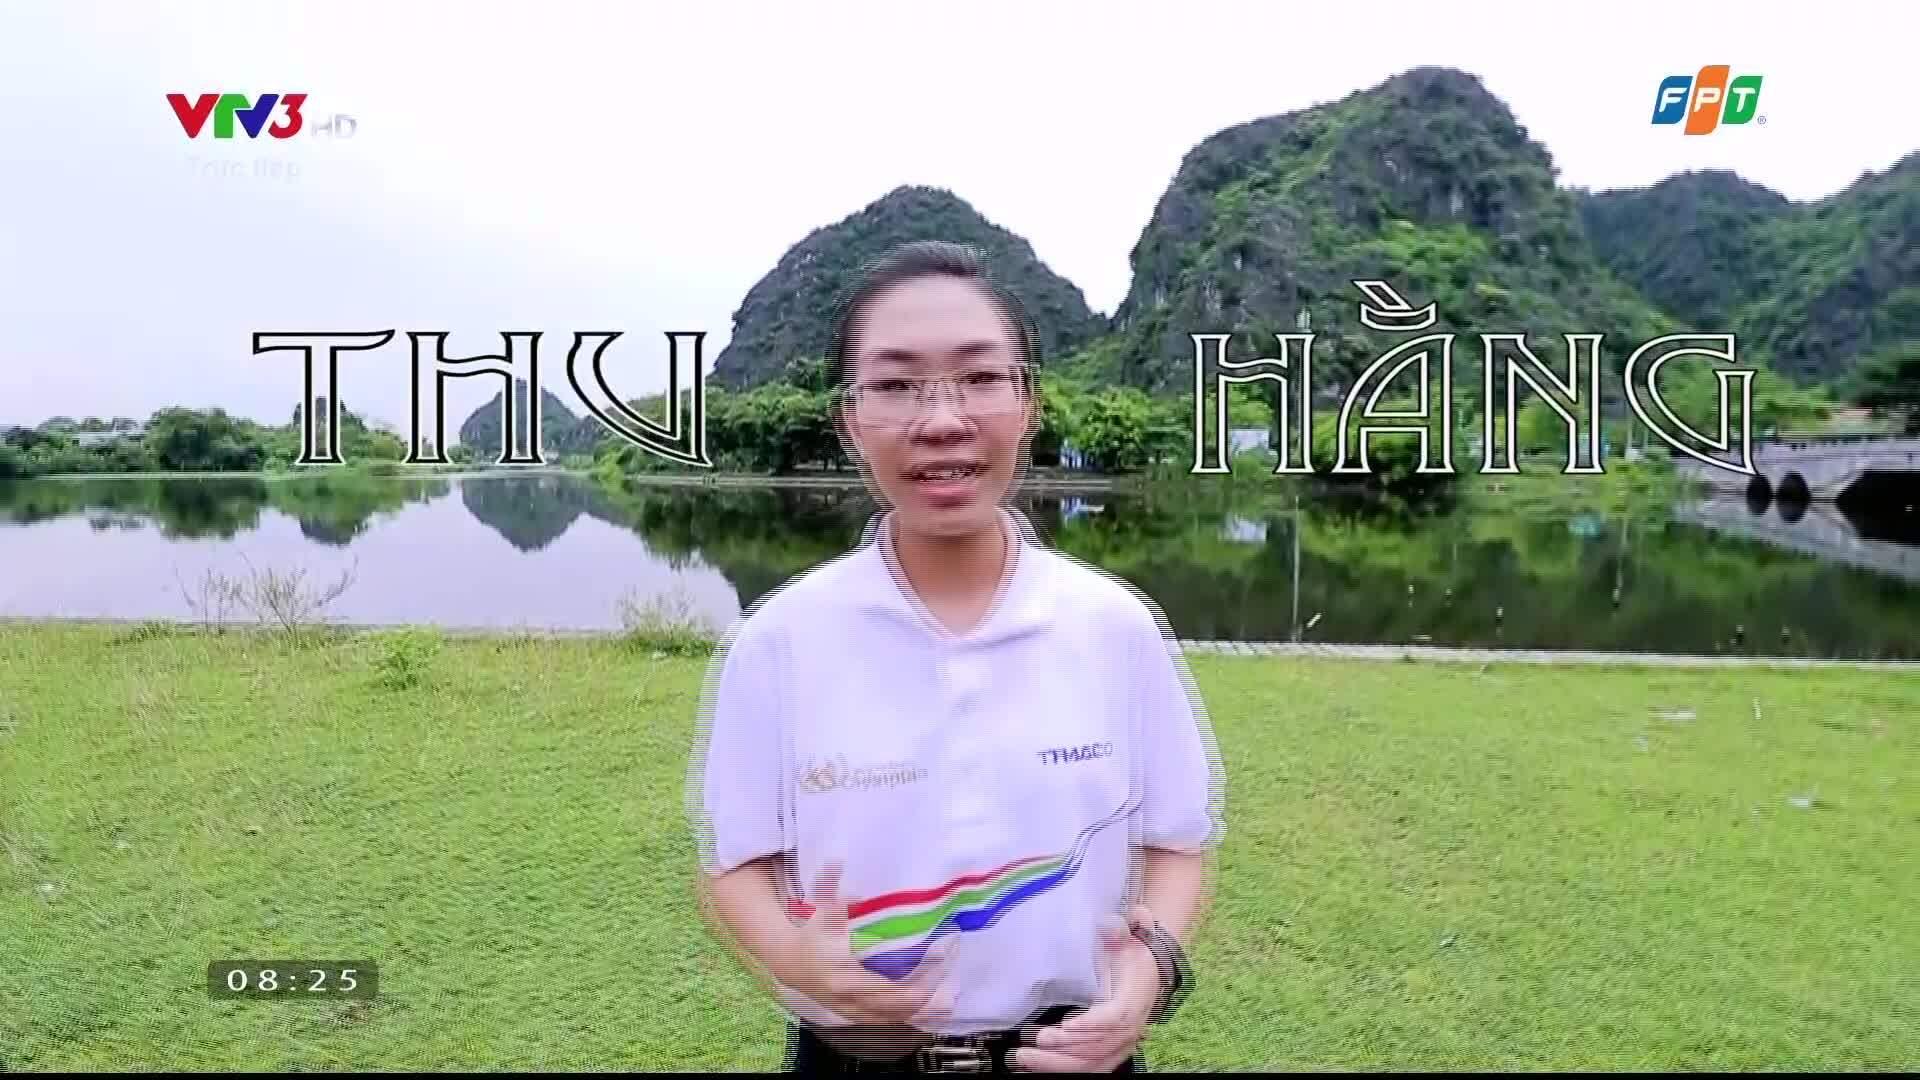 Phần giới thiệu của thí sinh Nguyễn Thị Thu Hằng